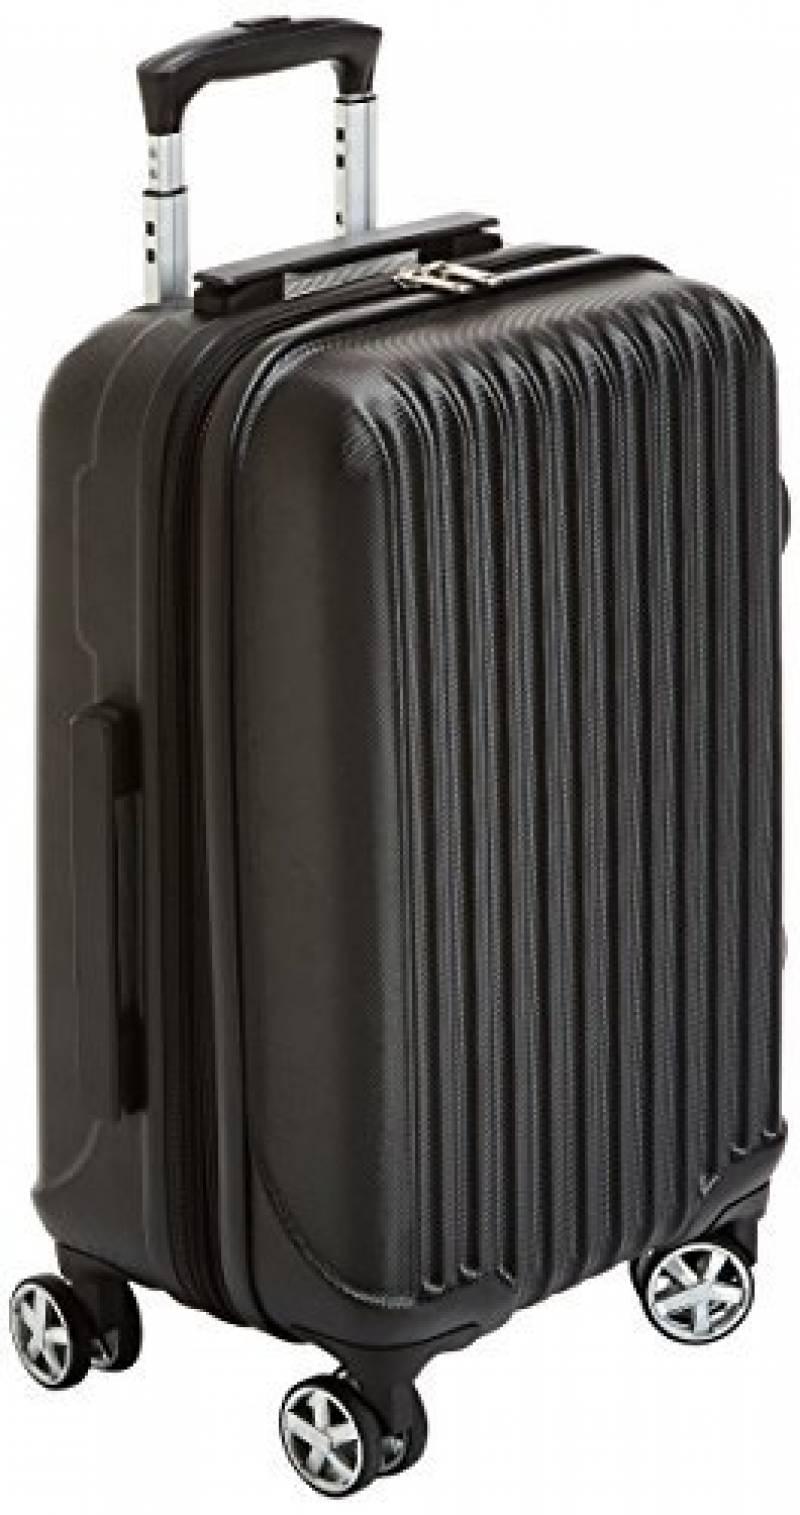 valise à roulettes rigide